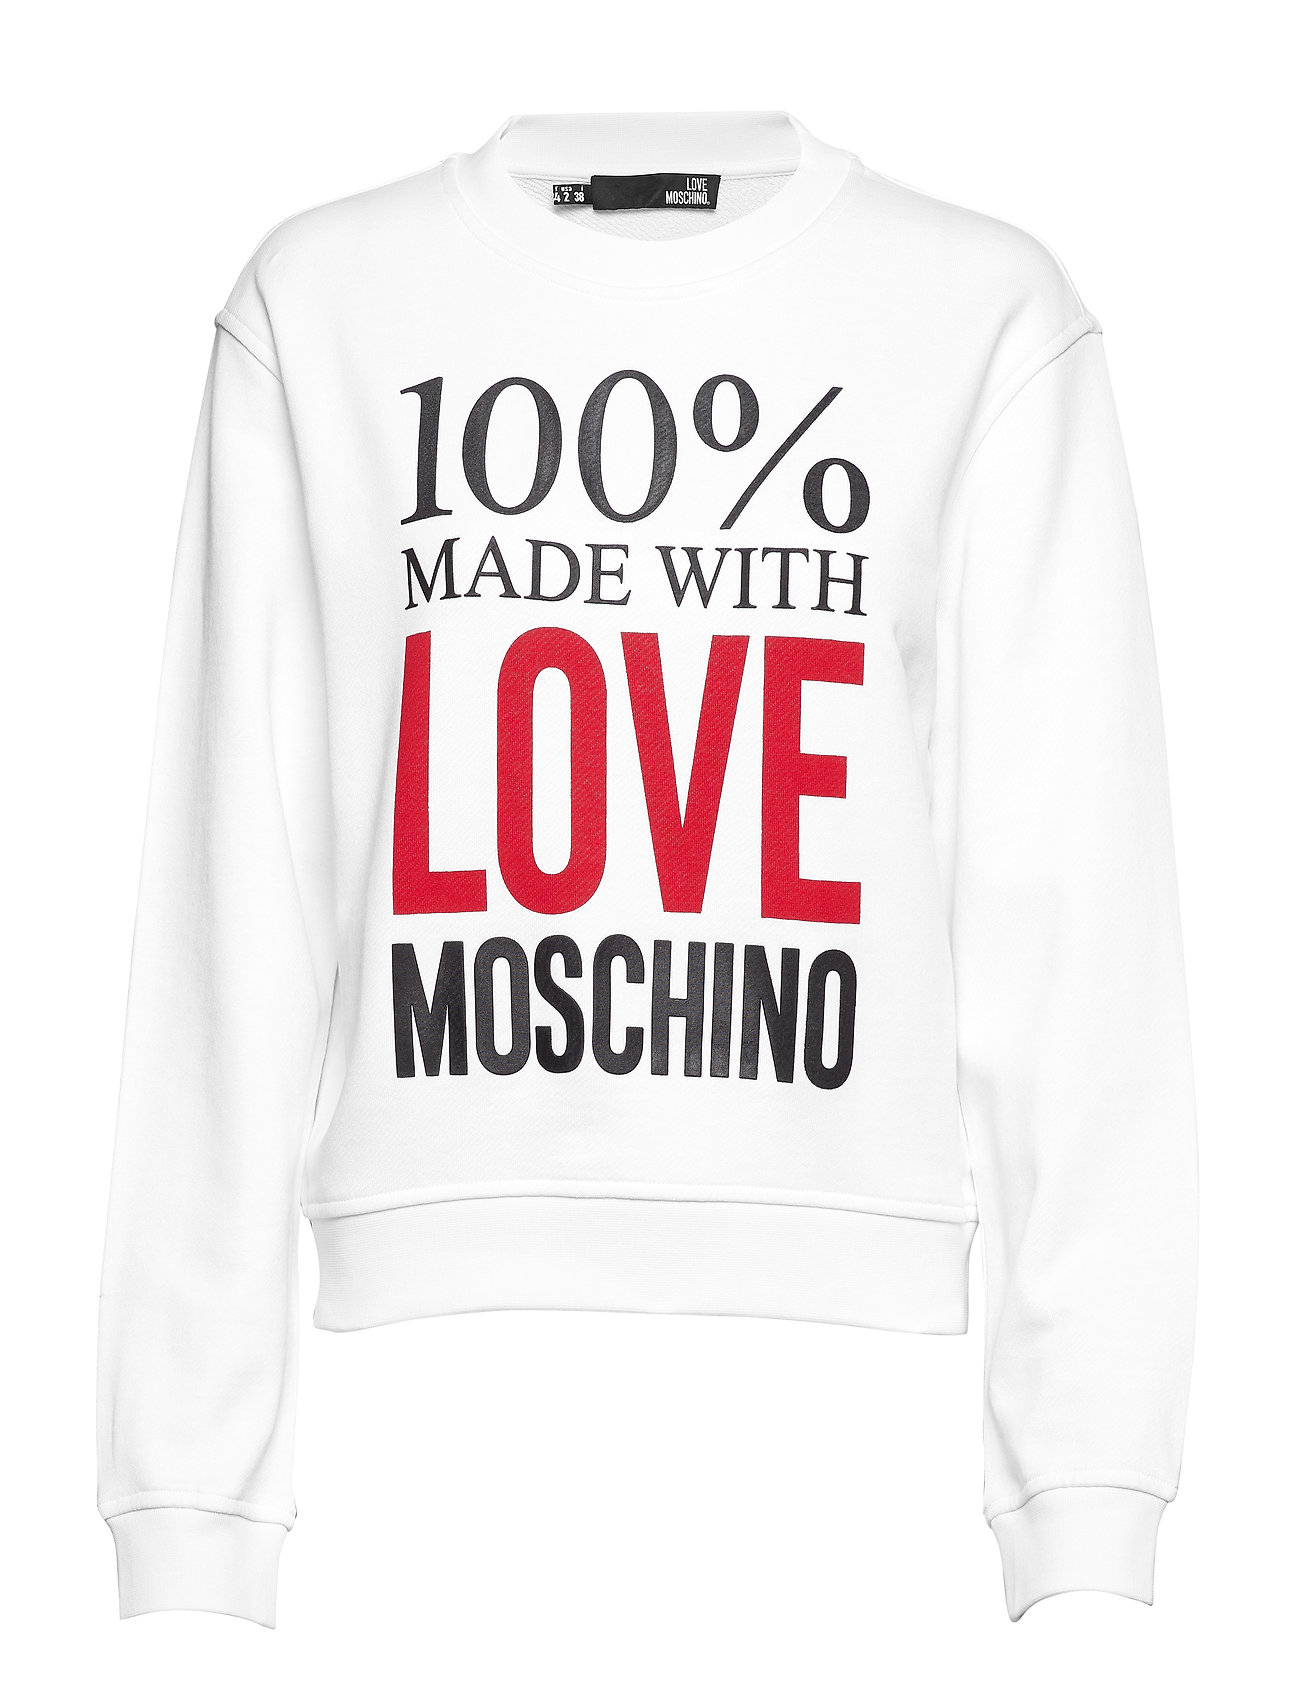 Love Moschino LOVE MOSCHINO-SWEATSHIRT - WHITE